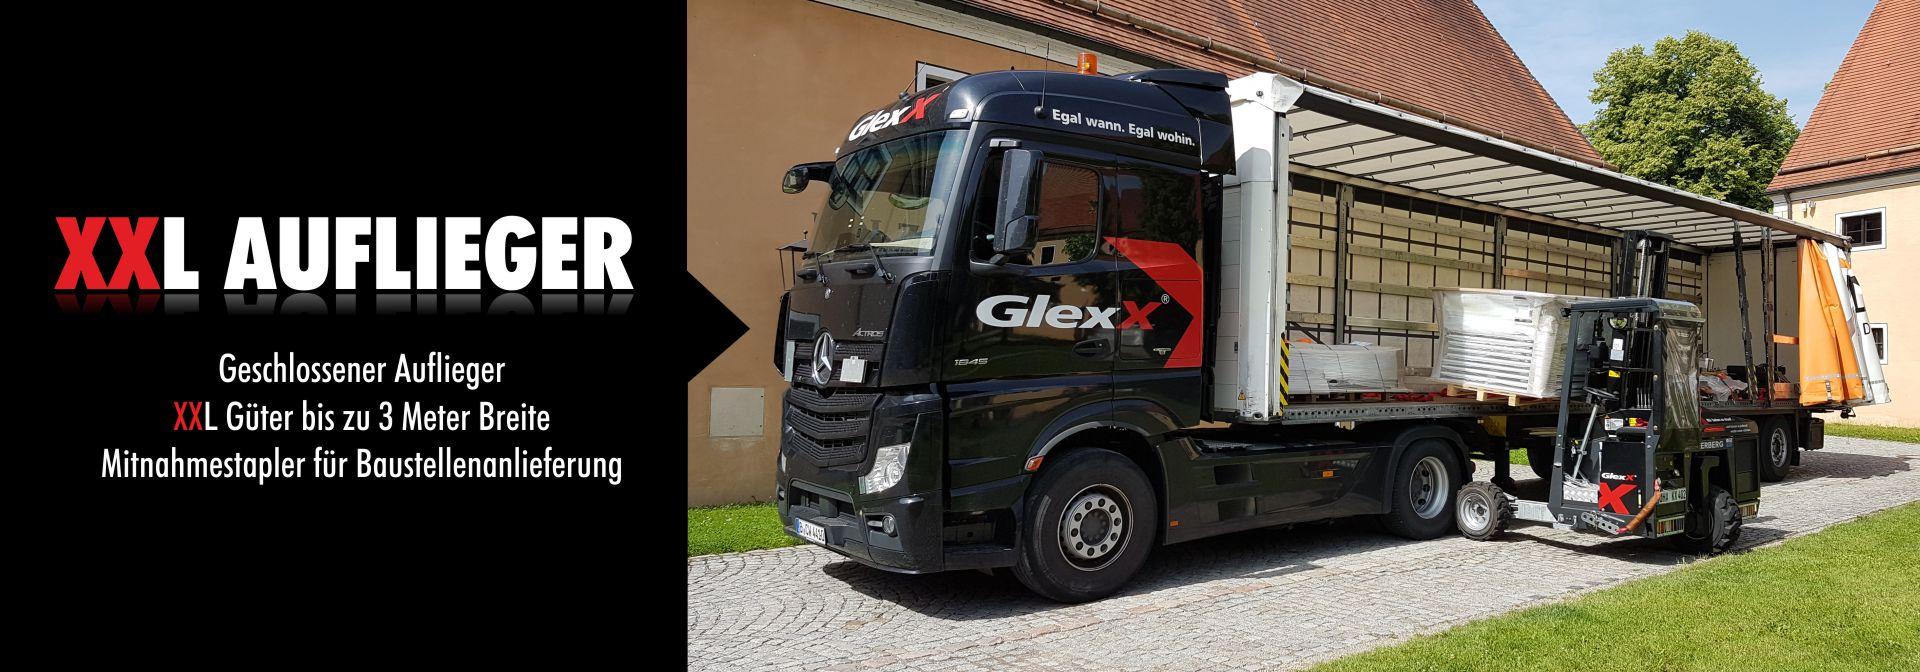 glexx_007